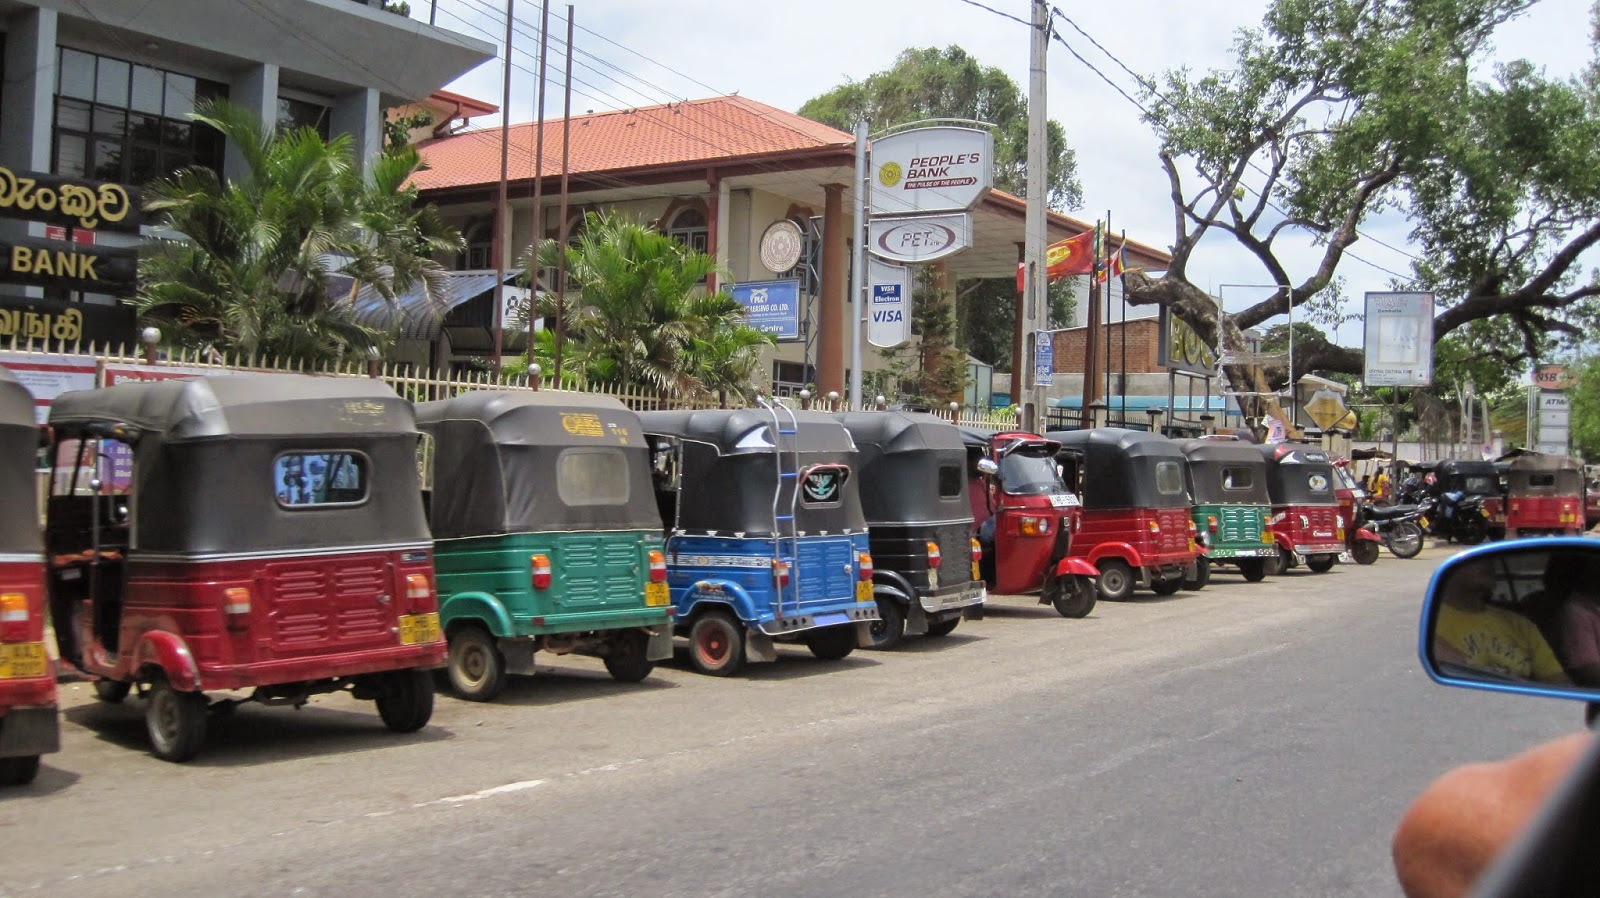 El tuk tuk es el medio de transporte más utilizado en Sri Lanka